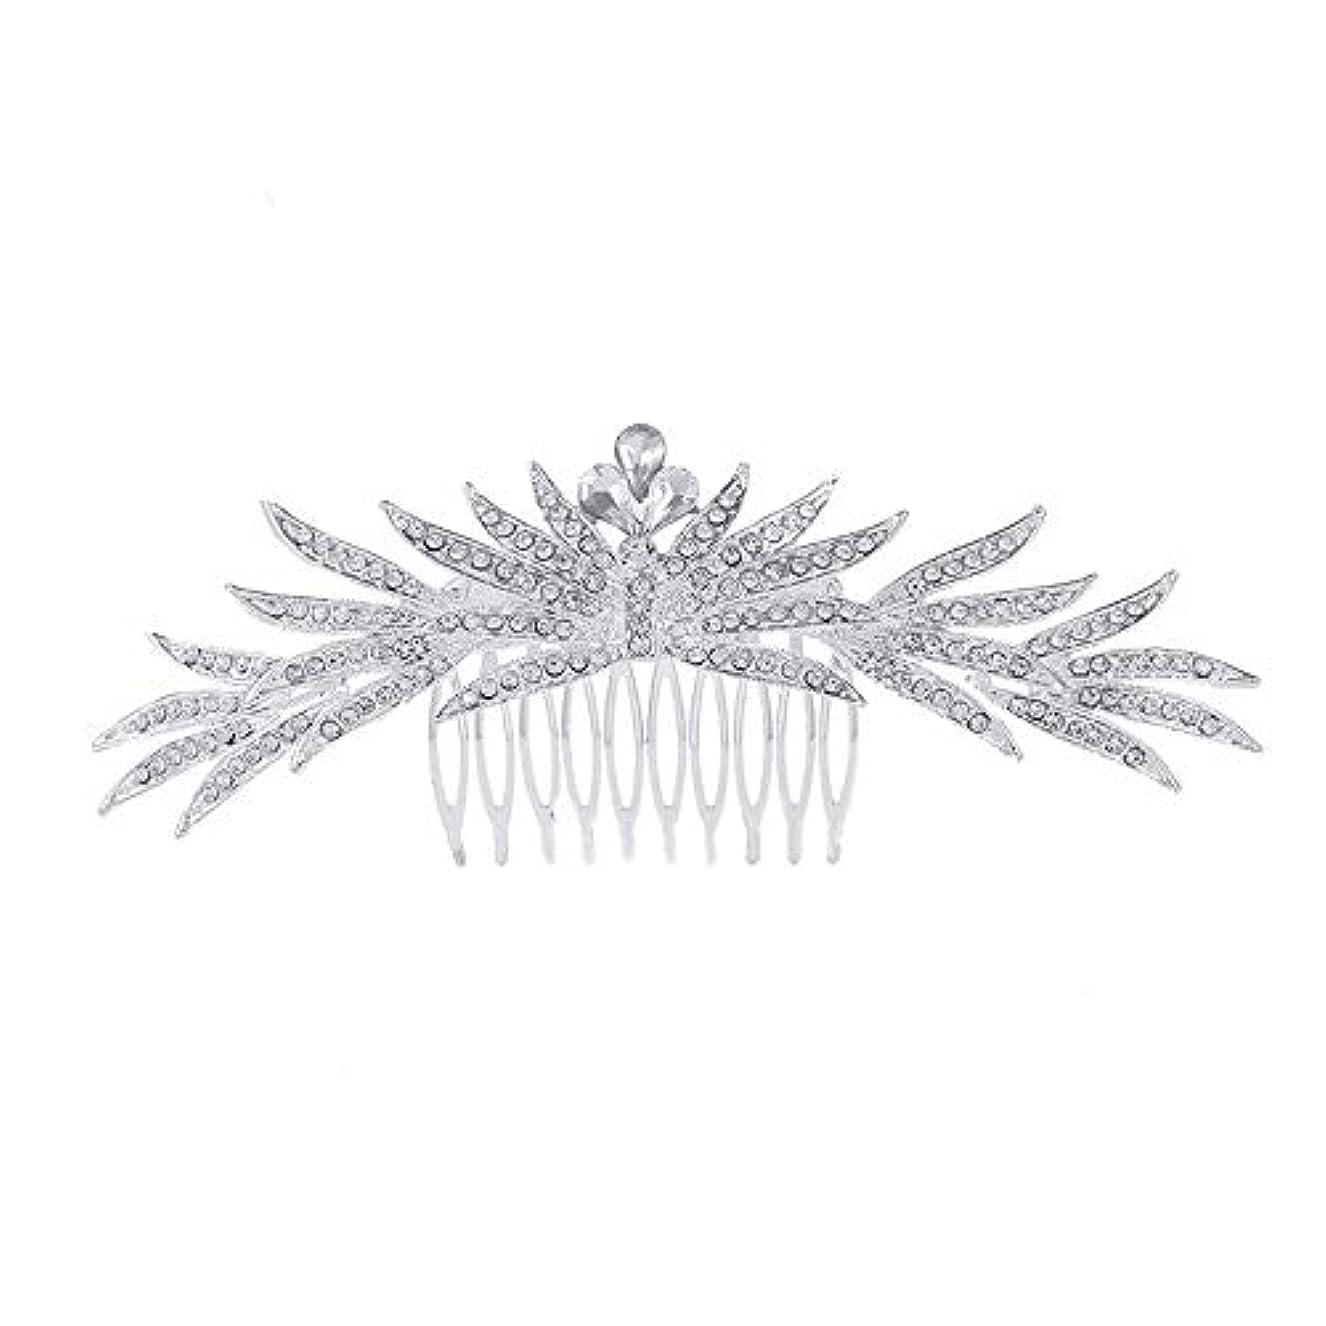 なぞらえる生まれ前提髪の櫛の櫛の櫛花嫁の髪の櫛ラインストーンの櫛亜鉛合金ブライダルヘッドドレス結婚式のアクセサリー挿入櫛